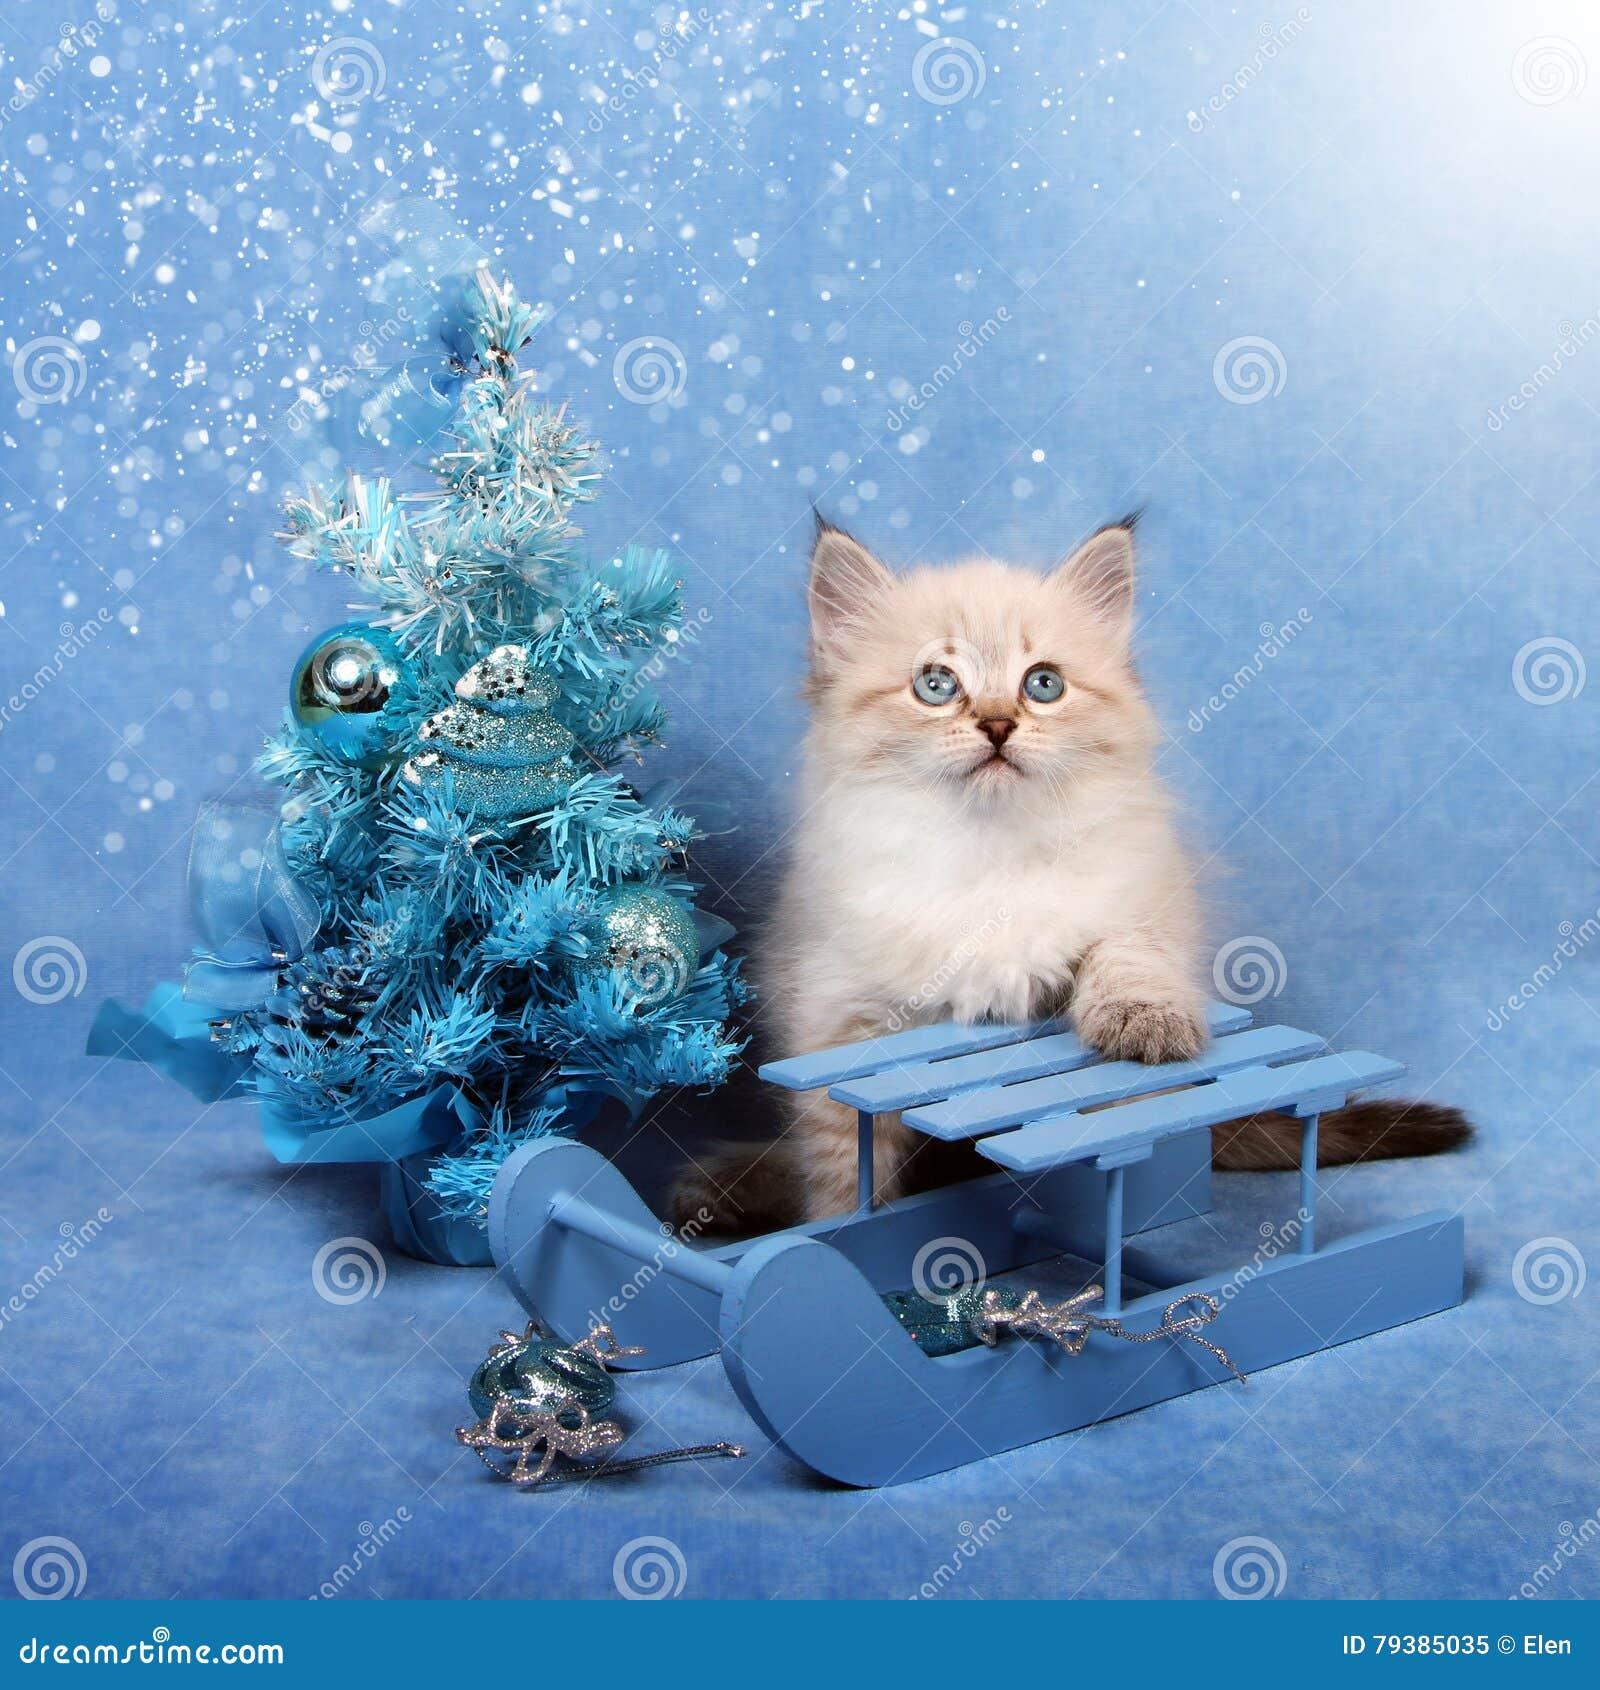 Μικρό γατάκι στο έλκηθρο και το χριστουγεννιάτικο δέντρο